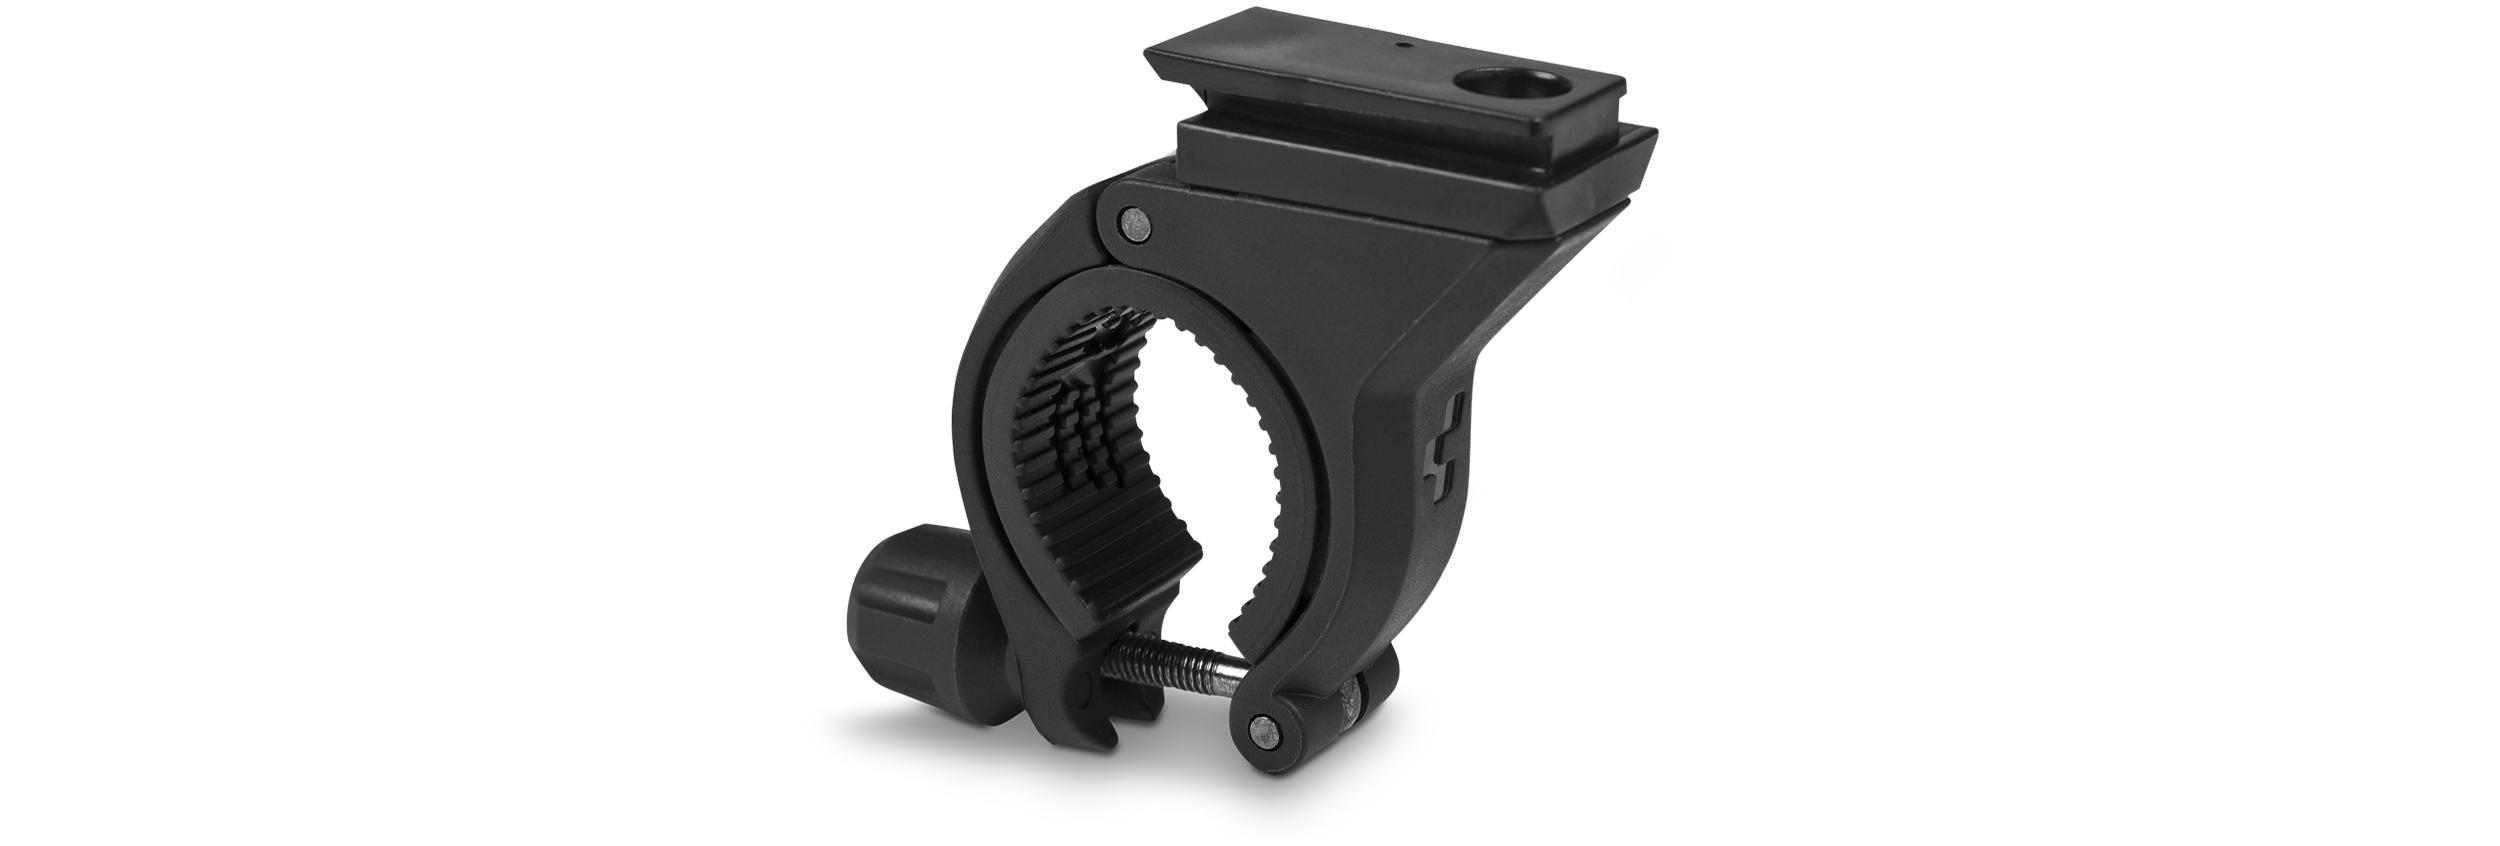 Cube Lichthalter Fur Cube Lichter Fahrradbeleuchtung Licht Zubehor